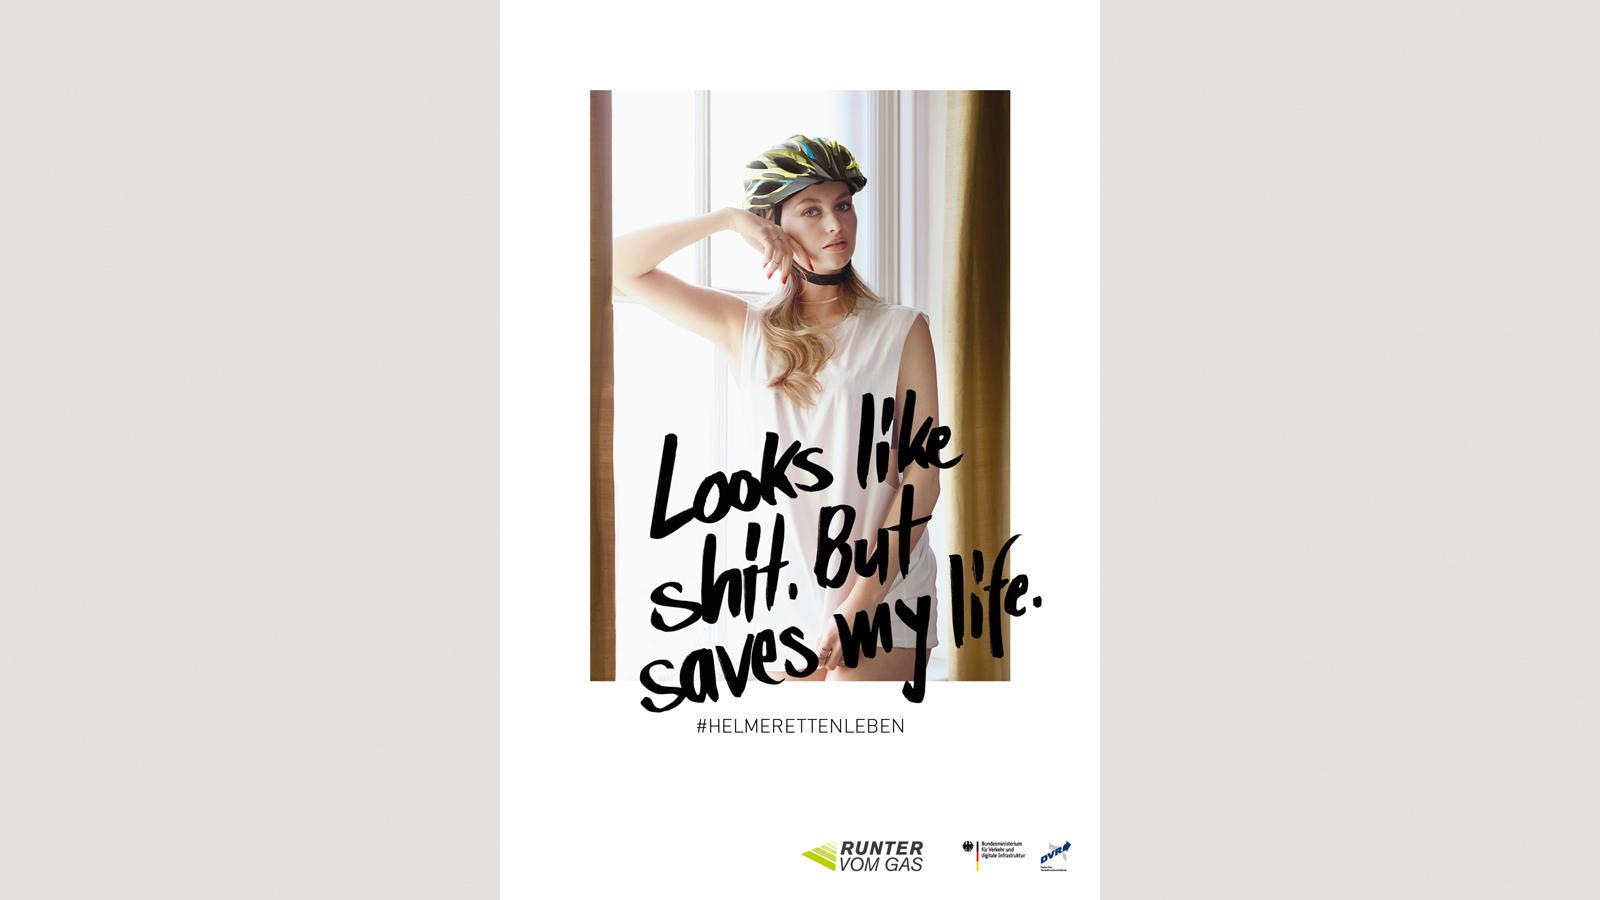 Germania, è polemica per la pubblicità progresso sul casco in bici